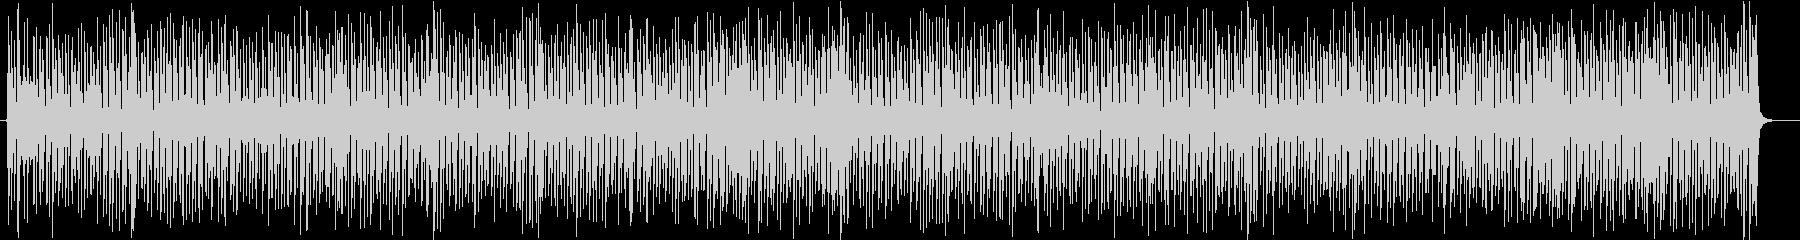 チェイスシーンのジプシージャズ※伴奏版の未再生の波形